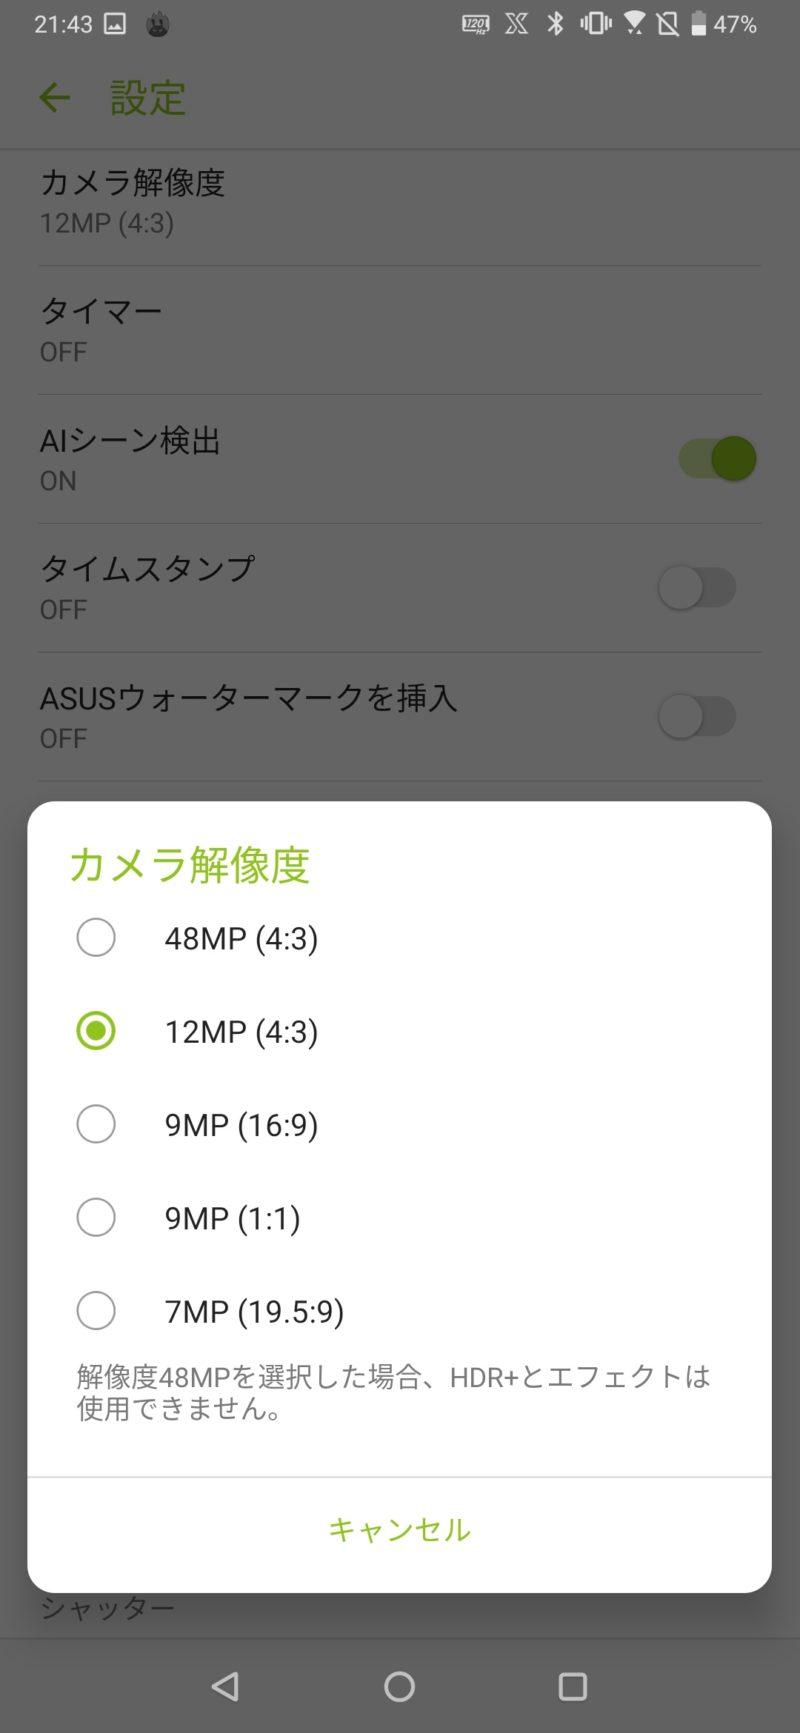 Screenshot 20191113 214317552 800x1733-ASUSの「ROG Phone 2」を実機レビュー。ゲーミングスマホでも普通に使える!